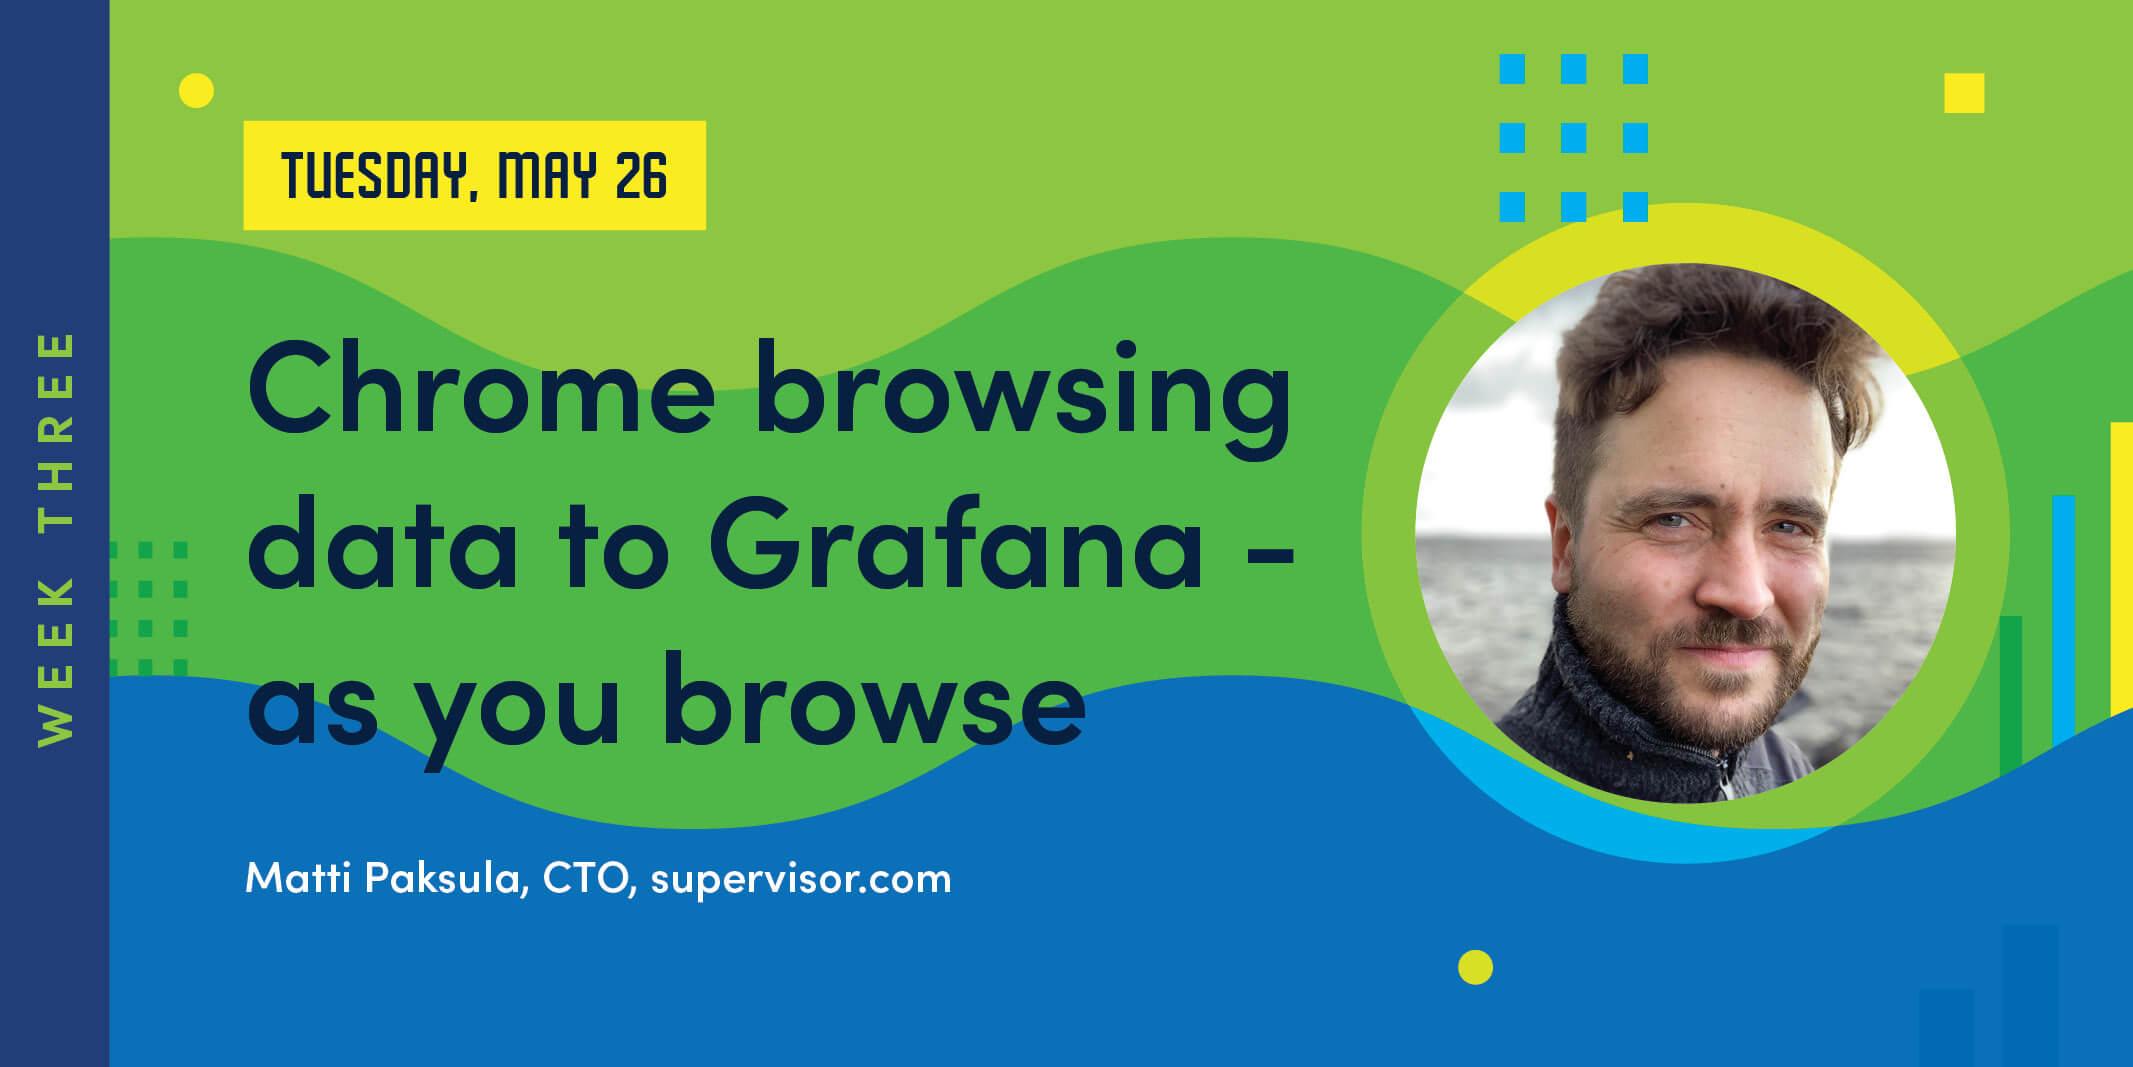 GrafanaCONline Day 8: Chrome browsing data to Grafana